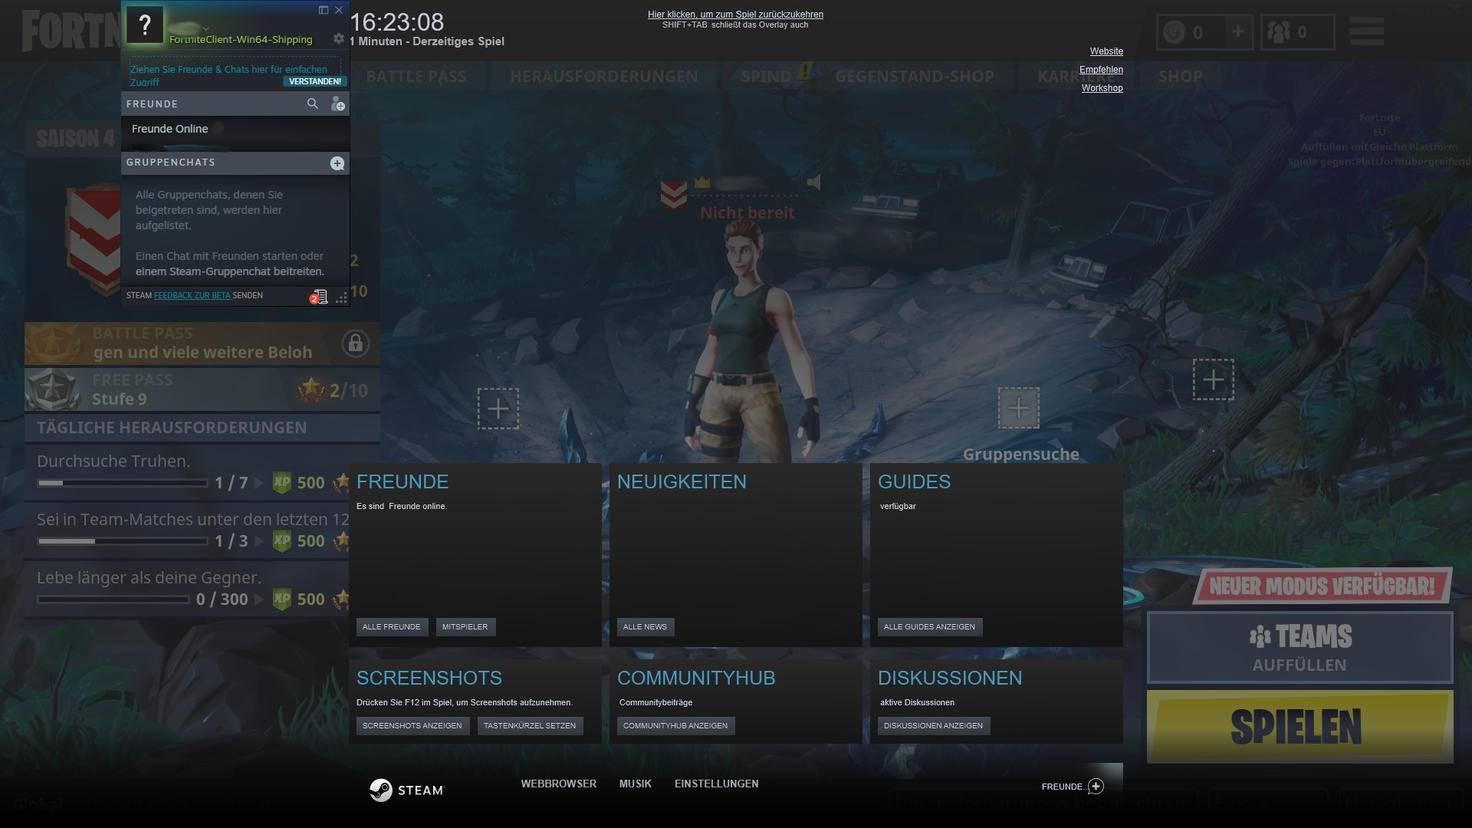 """Das Steam-Overlay funktioniert mit """"Fortnite: Battle Royale""""."""